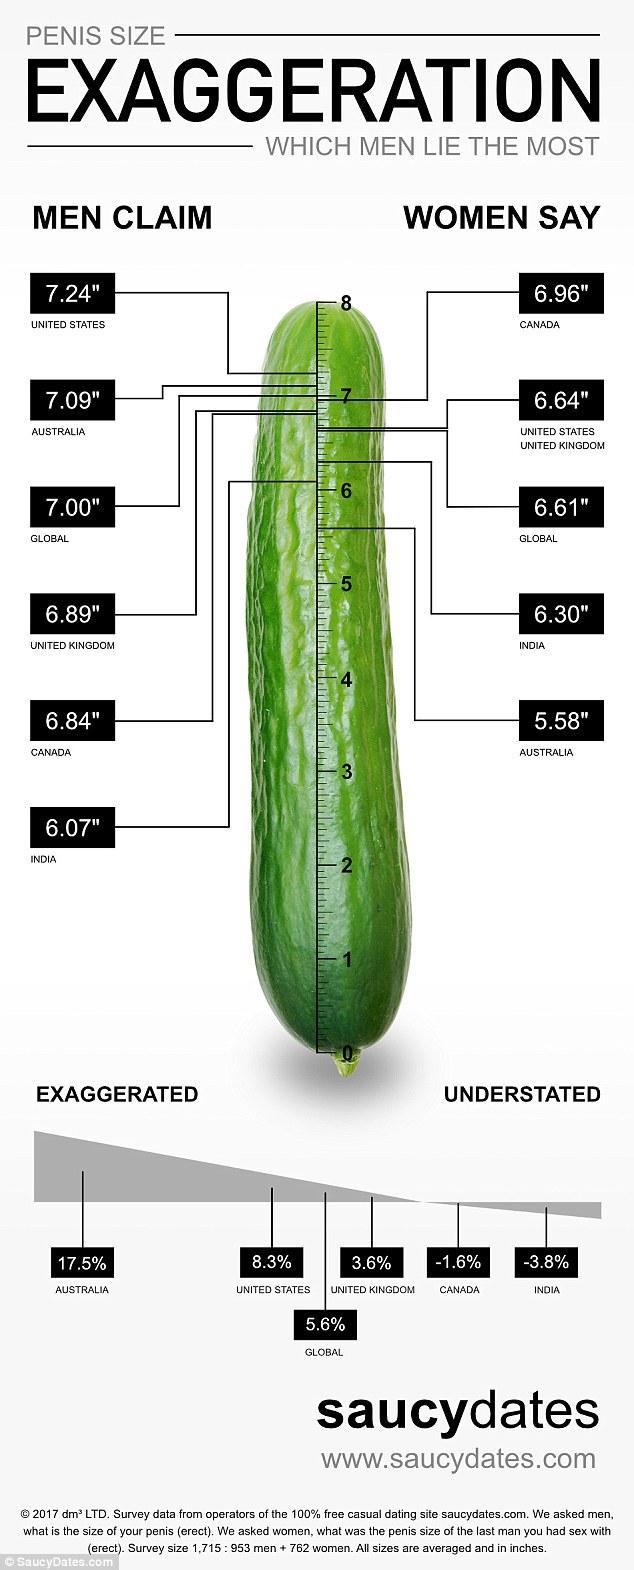 Care este mărimea medie a penisului? - rucomovetrans.ro